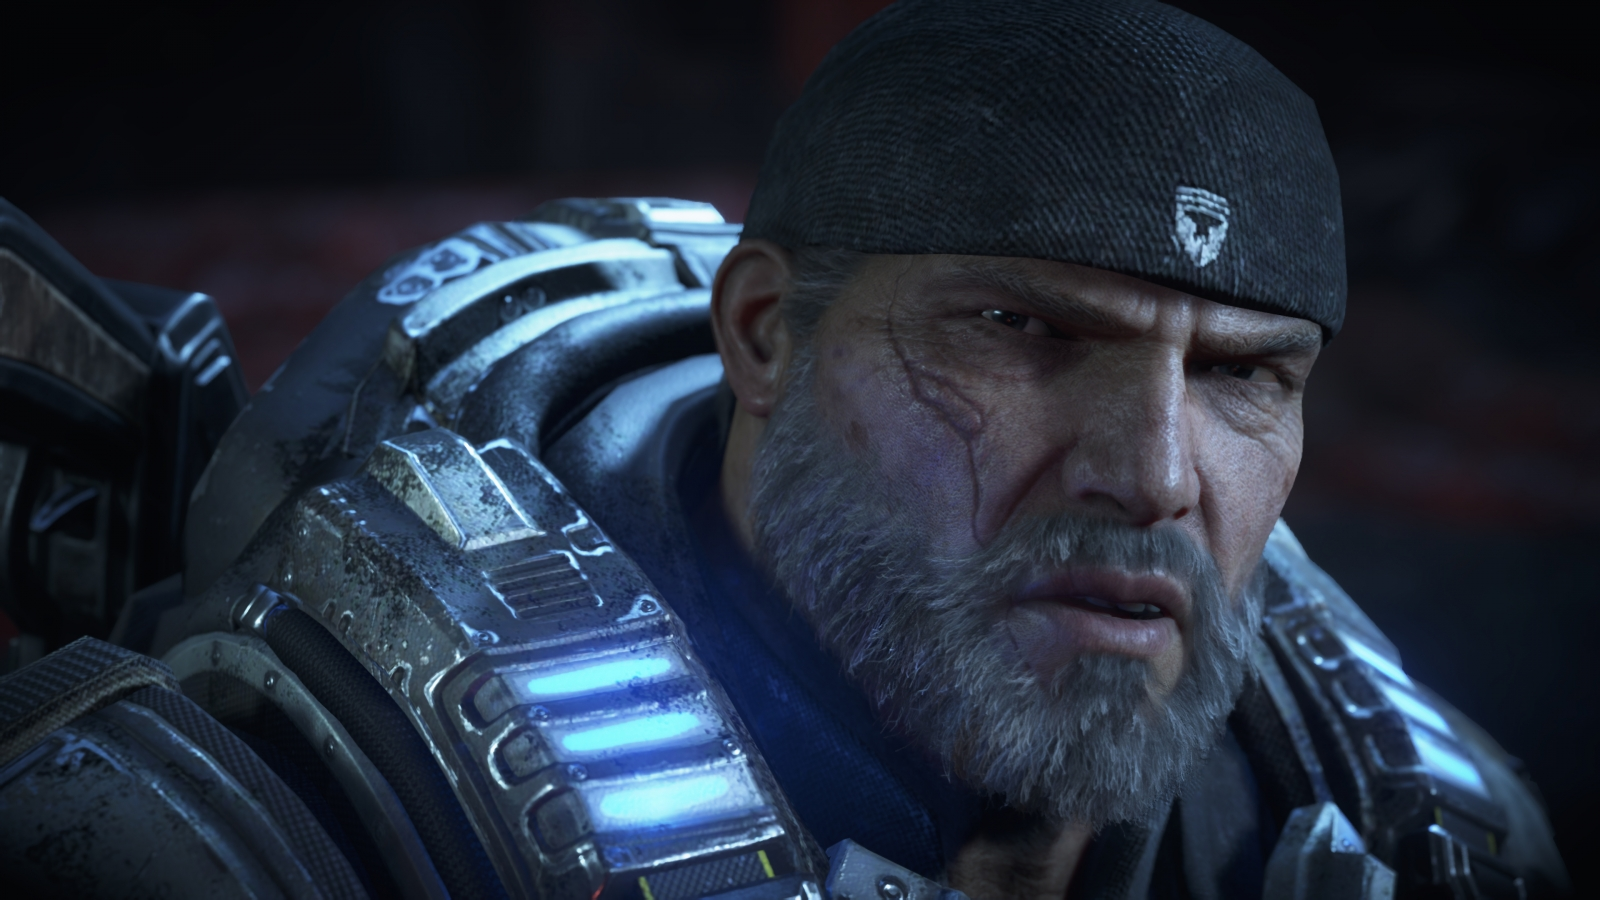 Gears of War 4 Marcus Fenix